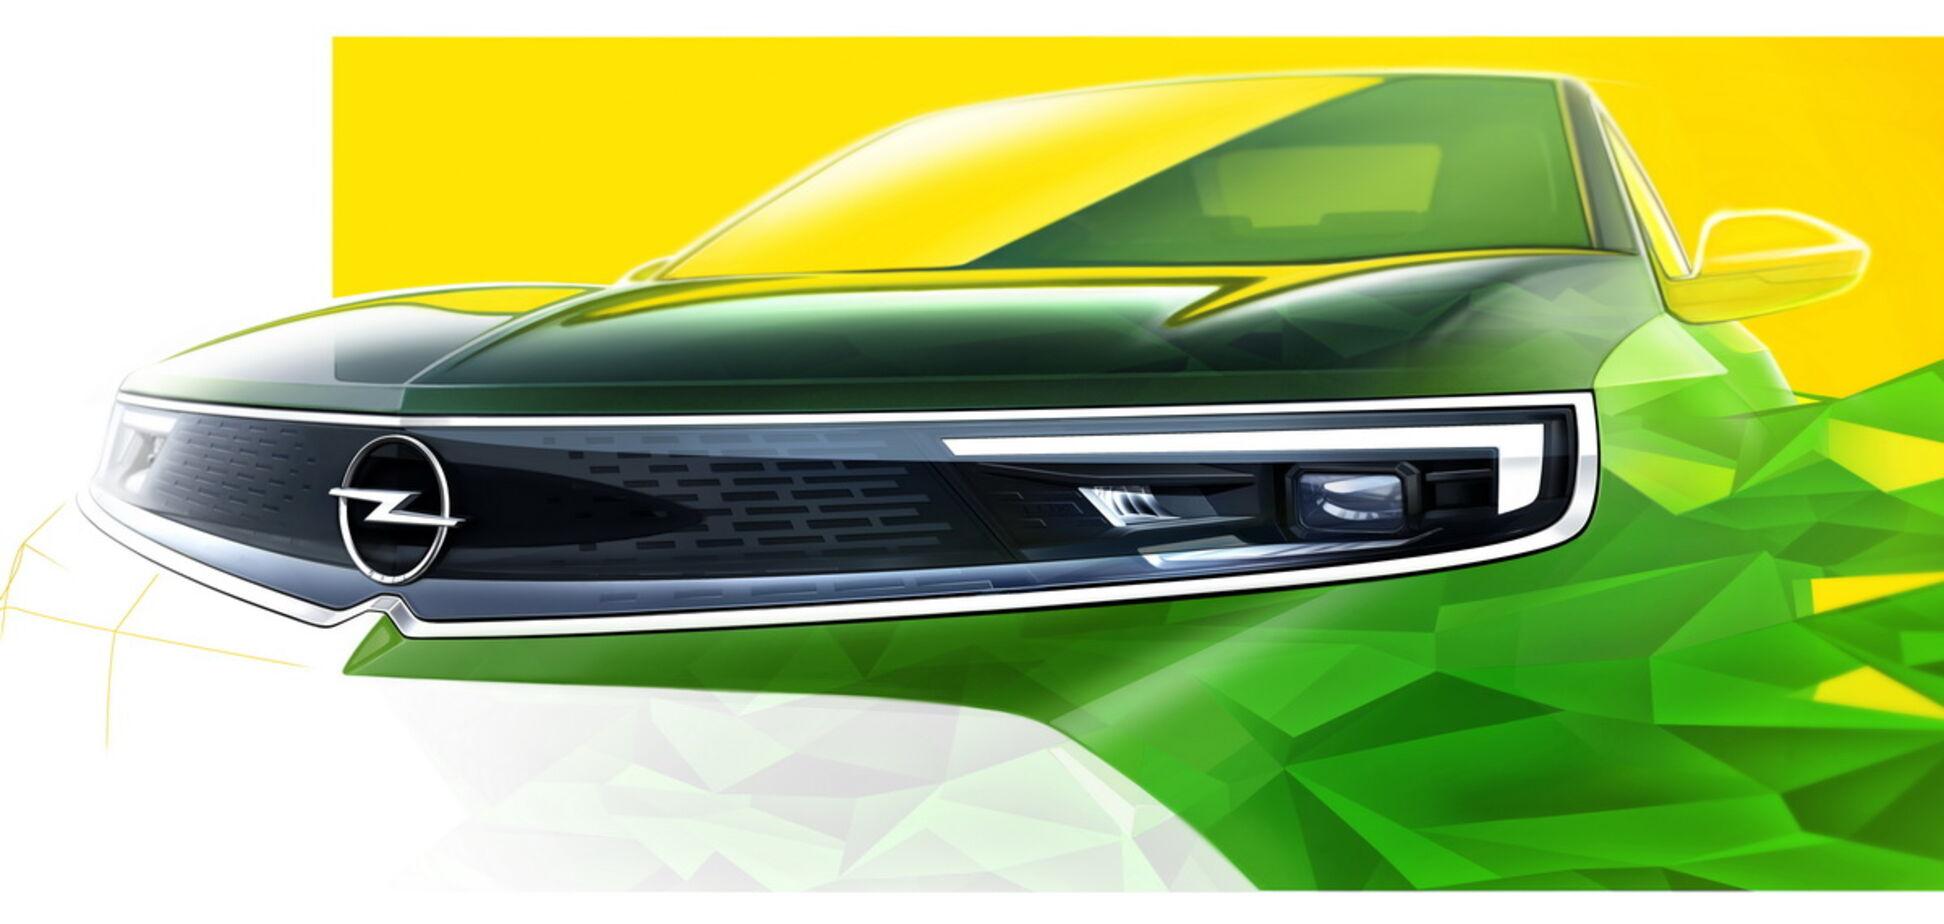 Компактний кросовер Opel Mokka заінтригував дизайном